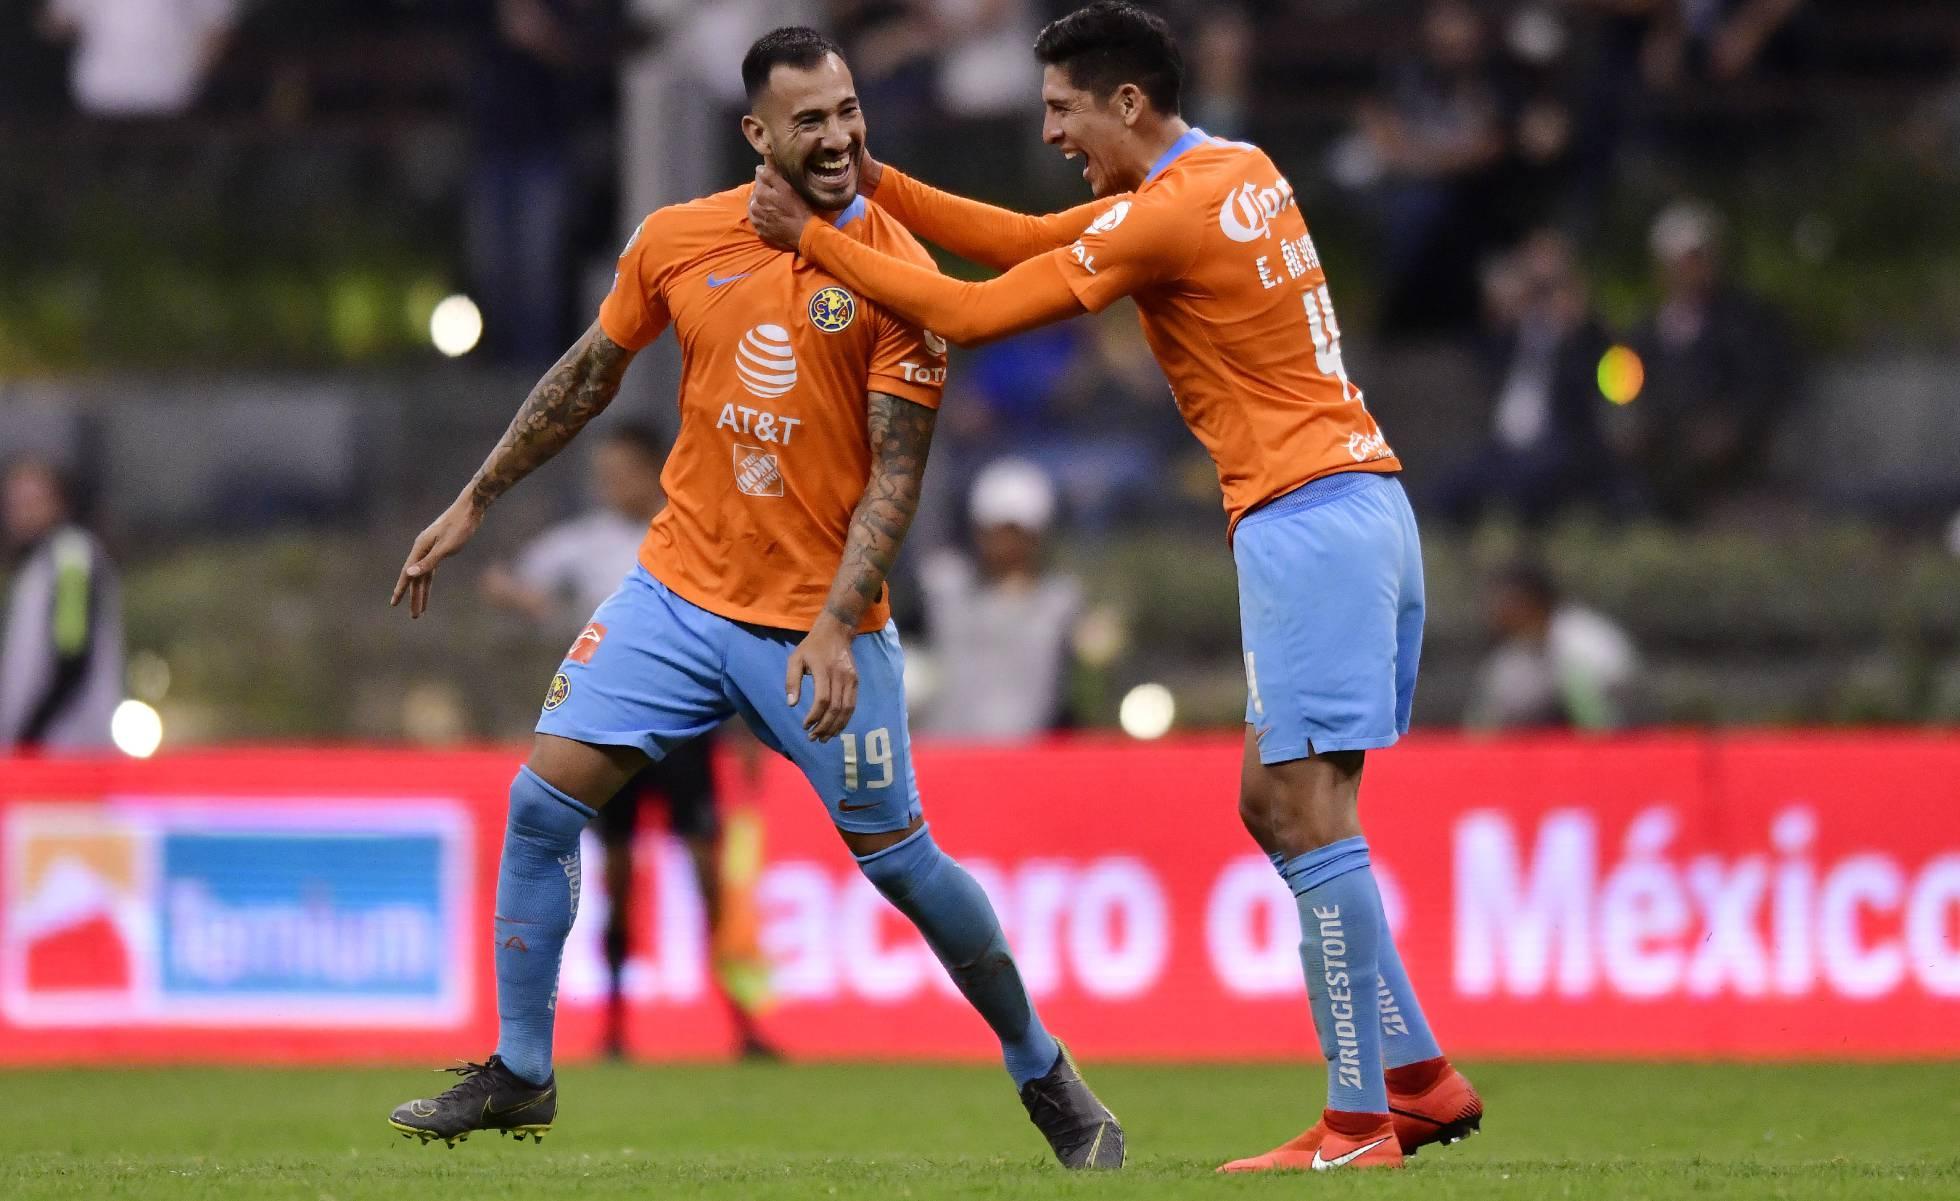 ¡América campeón de la Copa MX! 'Águilas' vencieron 1-0 a Juárez con solitario gol de Emanuel Aguilera